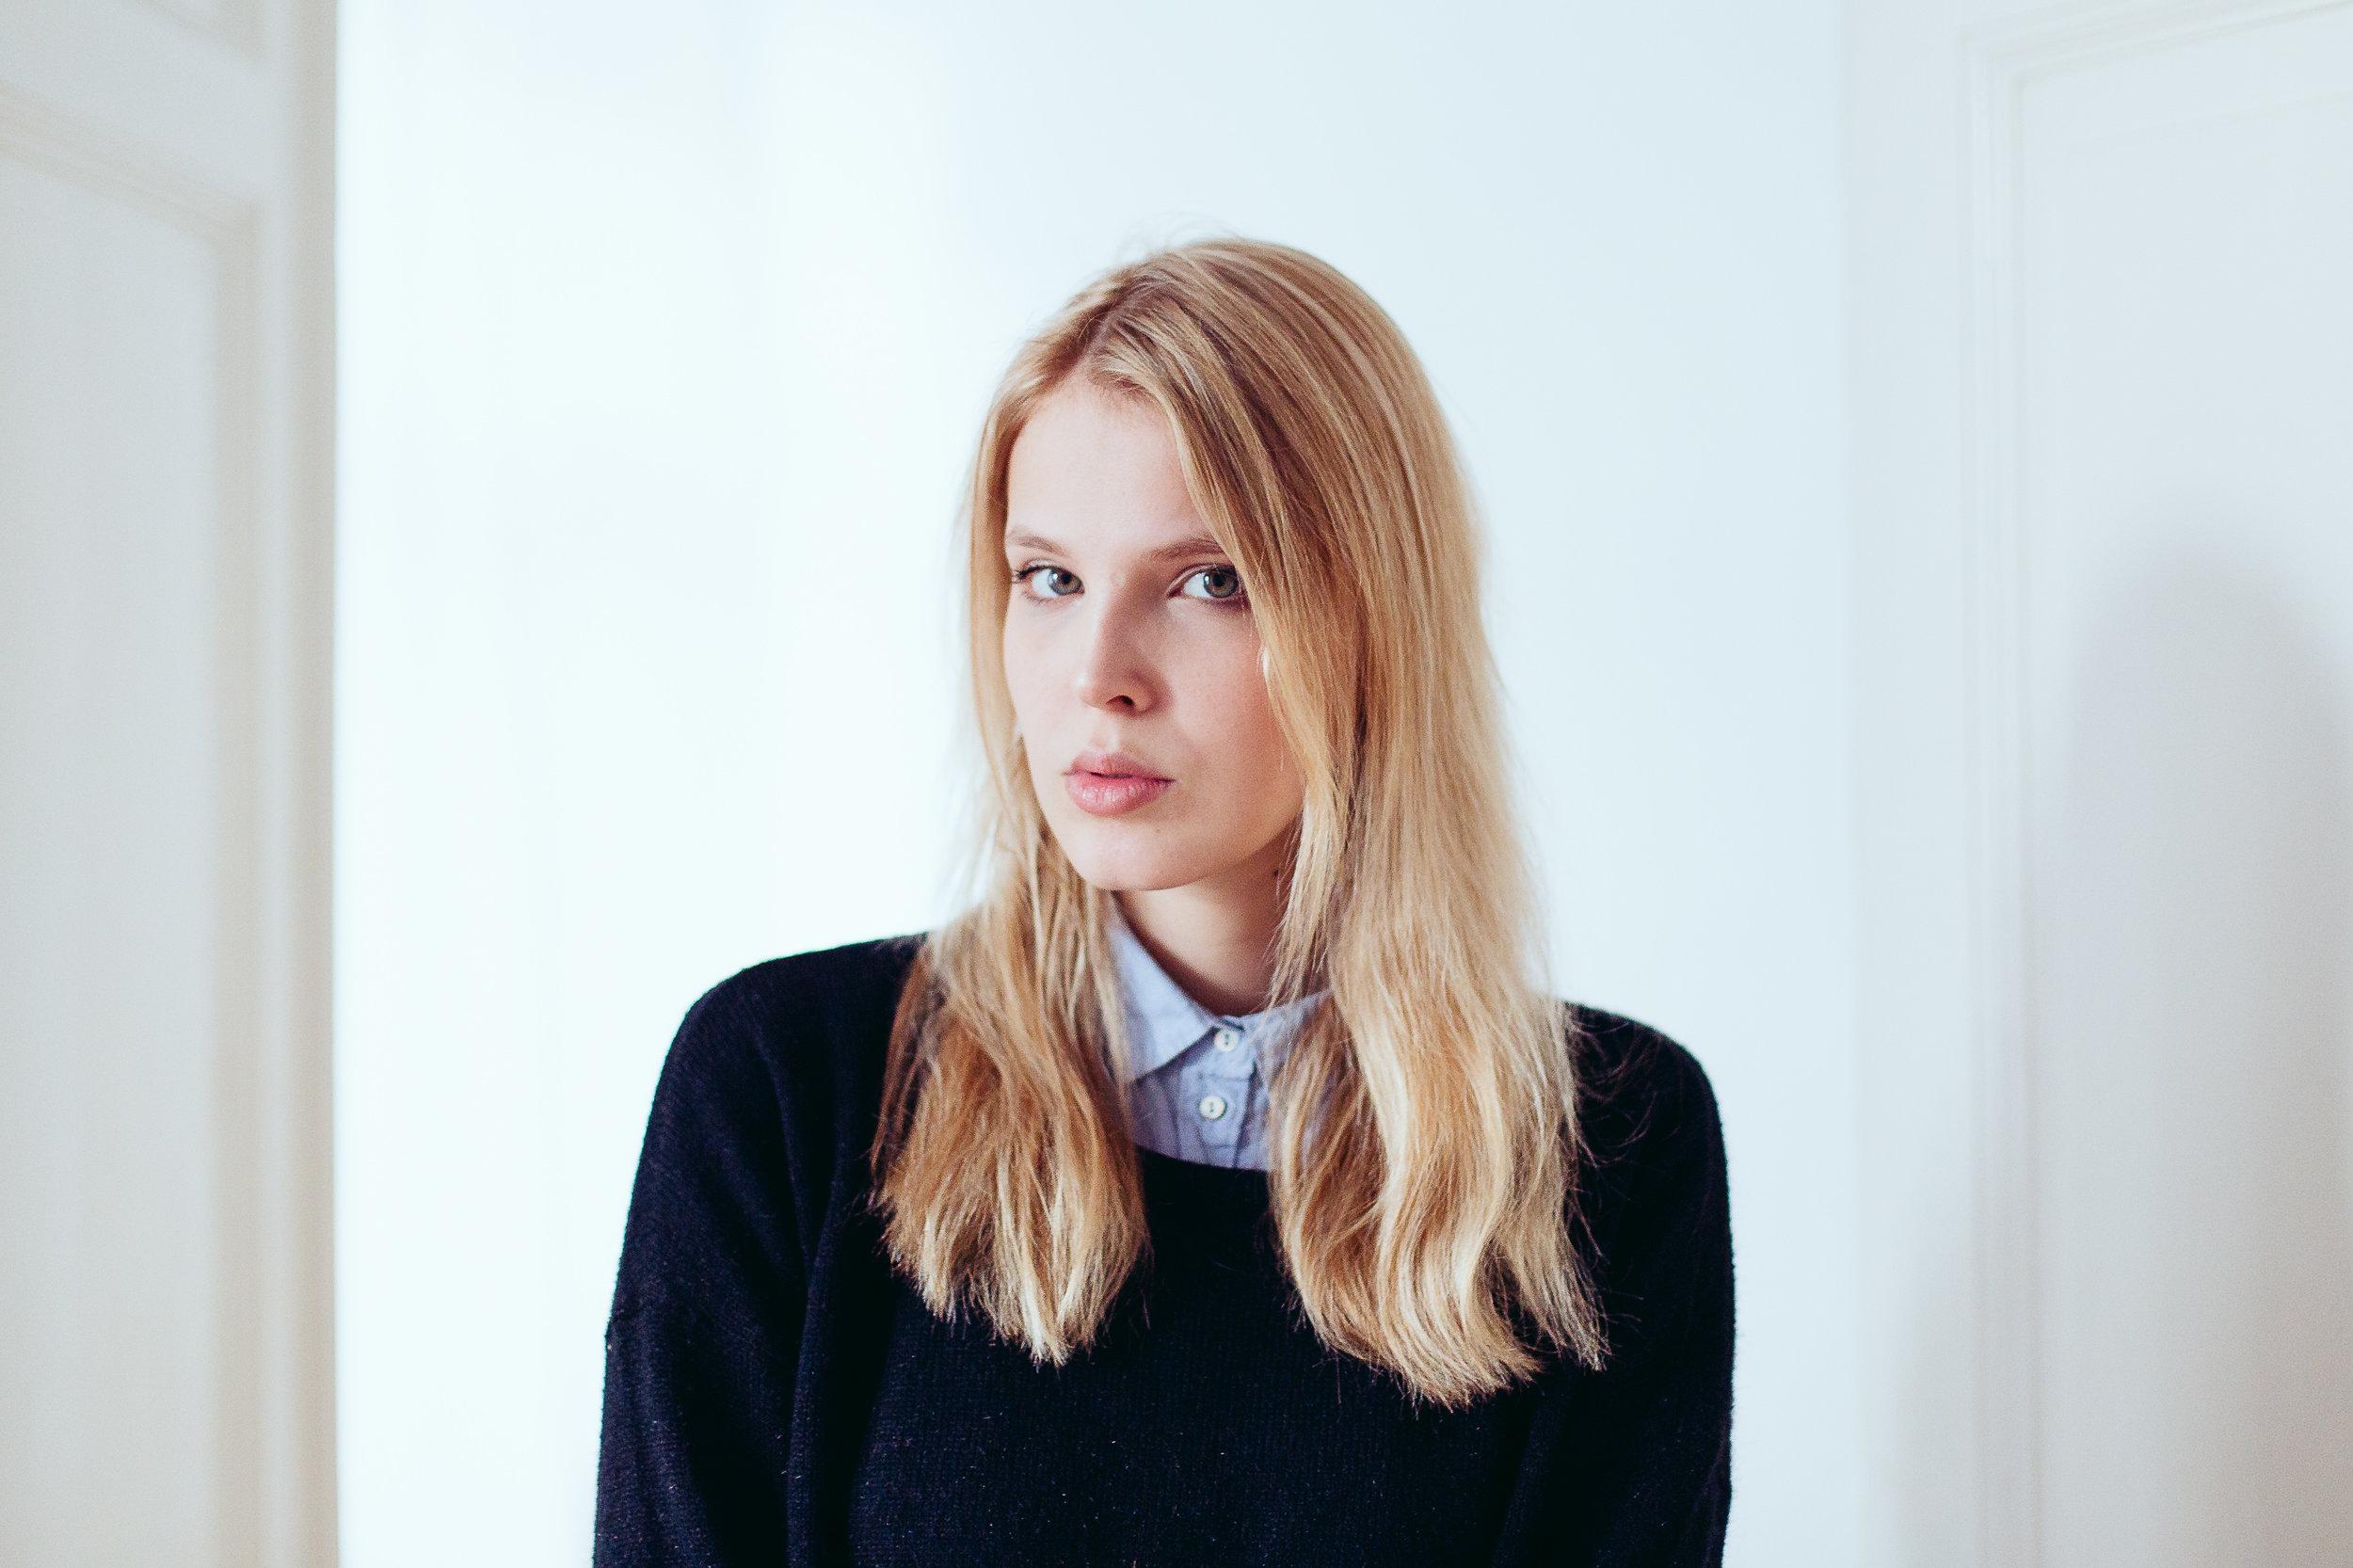 Michelle Kaatz, model